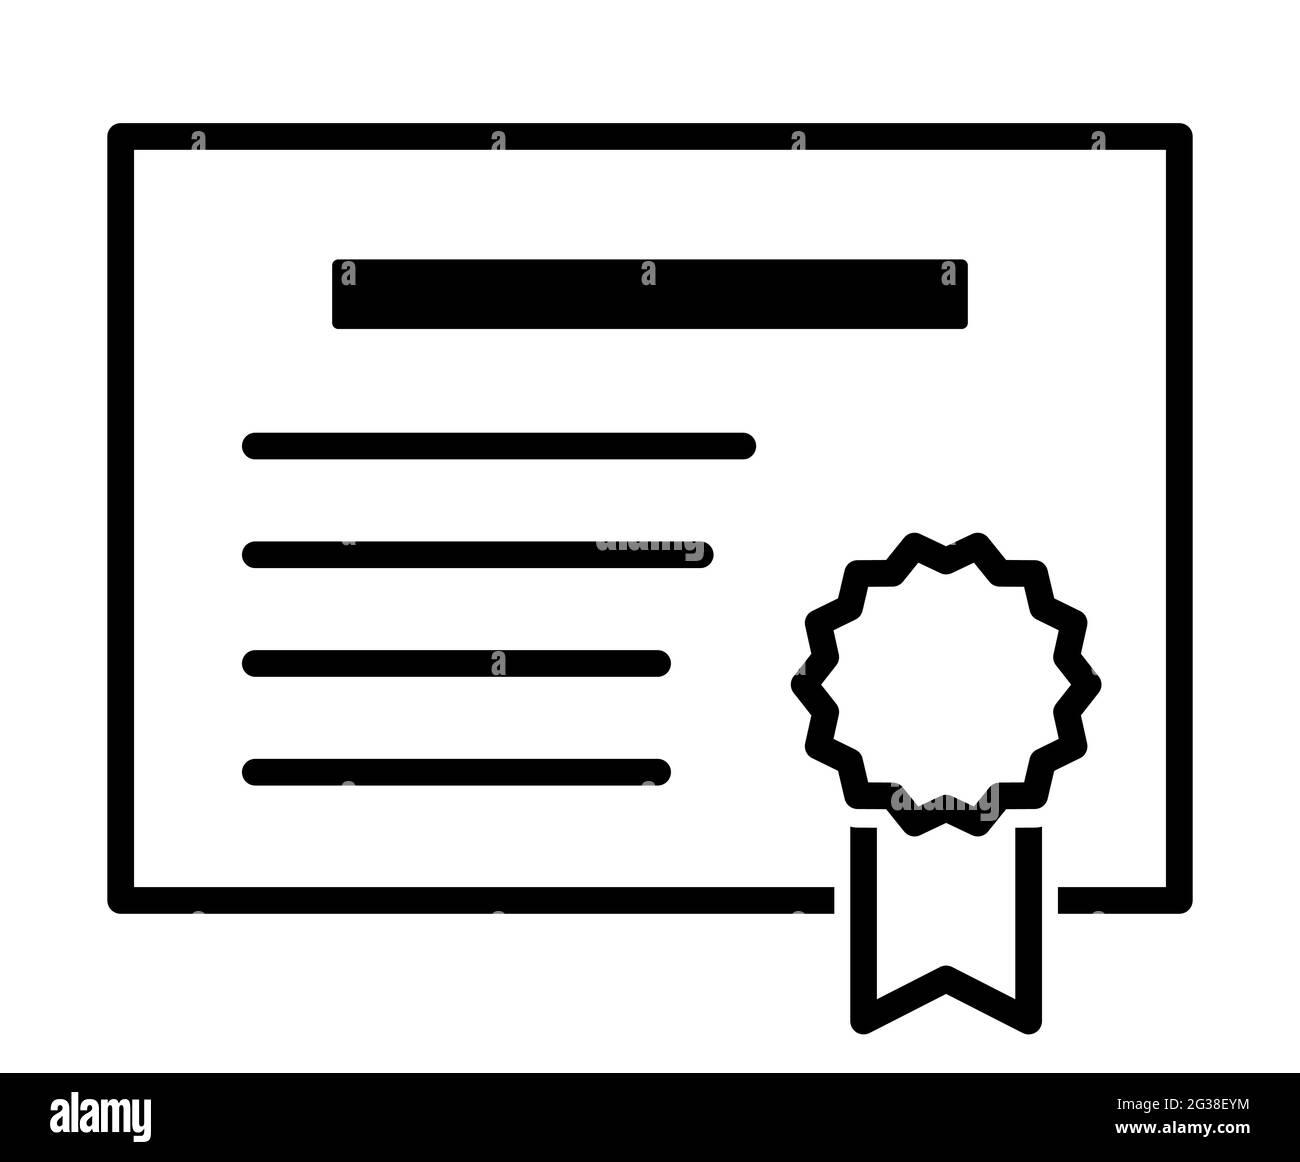 Documento de licencia de certificado página de concesión de patentes símbolo ilustración vectorial icono Ilustración del Vector